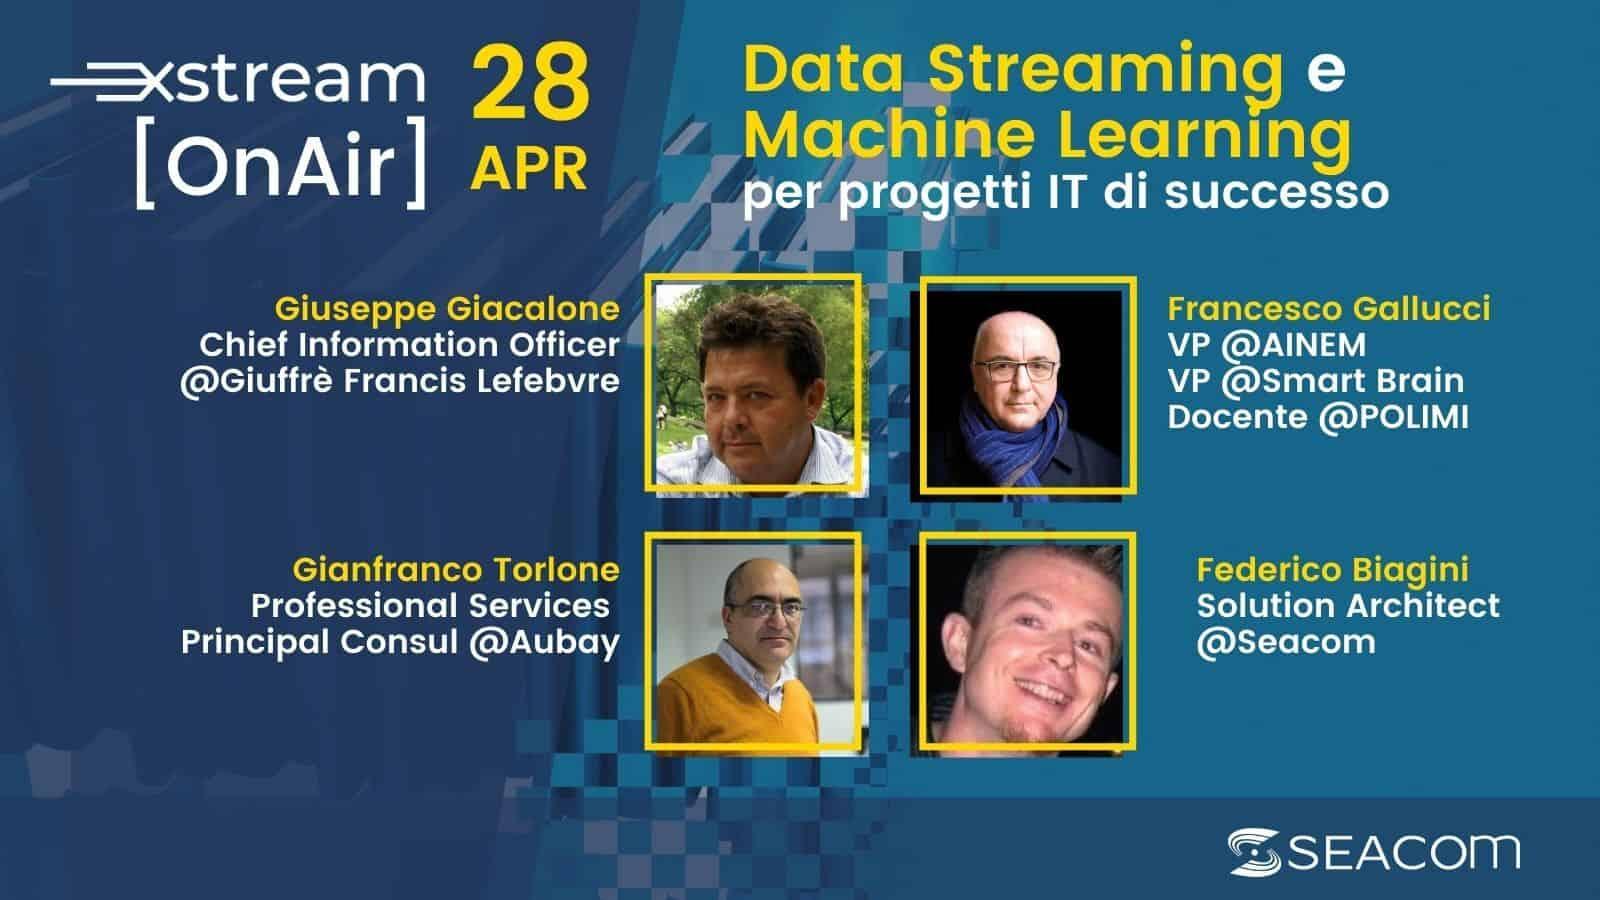 Xstream On Air – Kafka e Data Streaming in progetti IT di successo